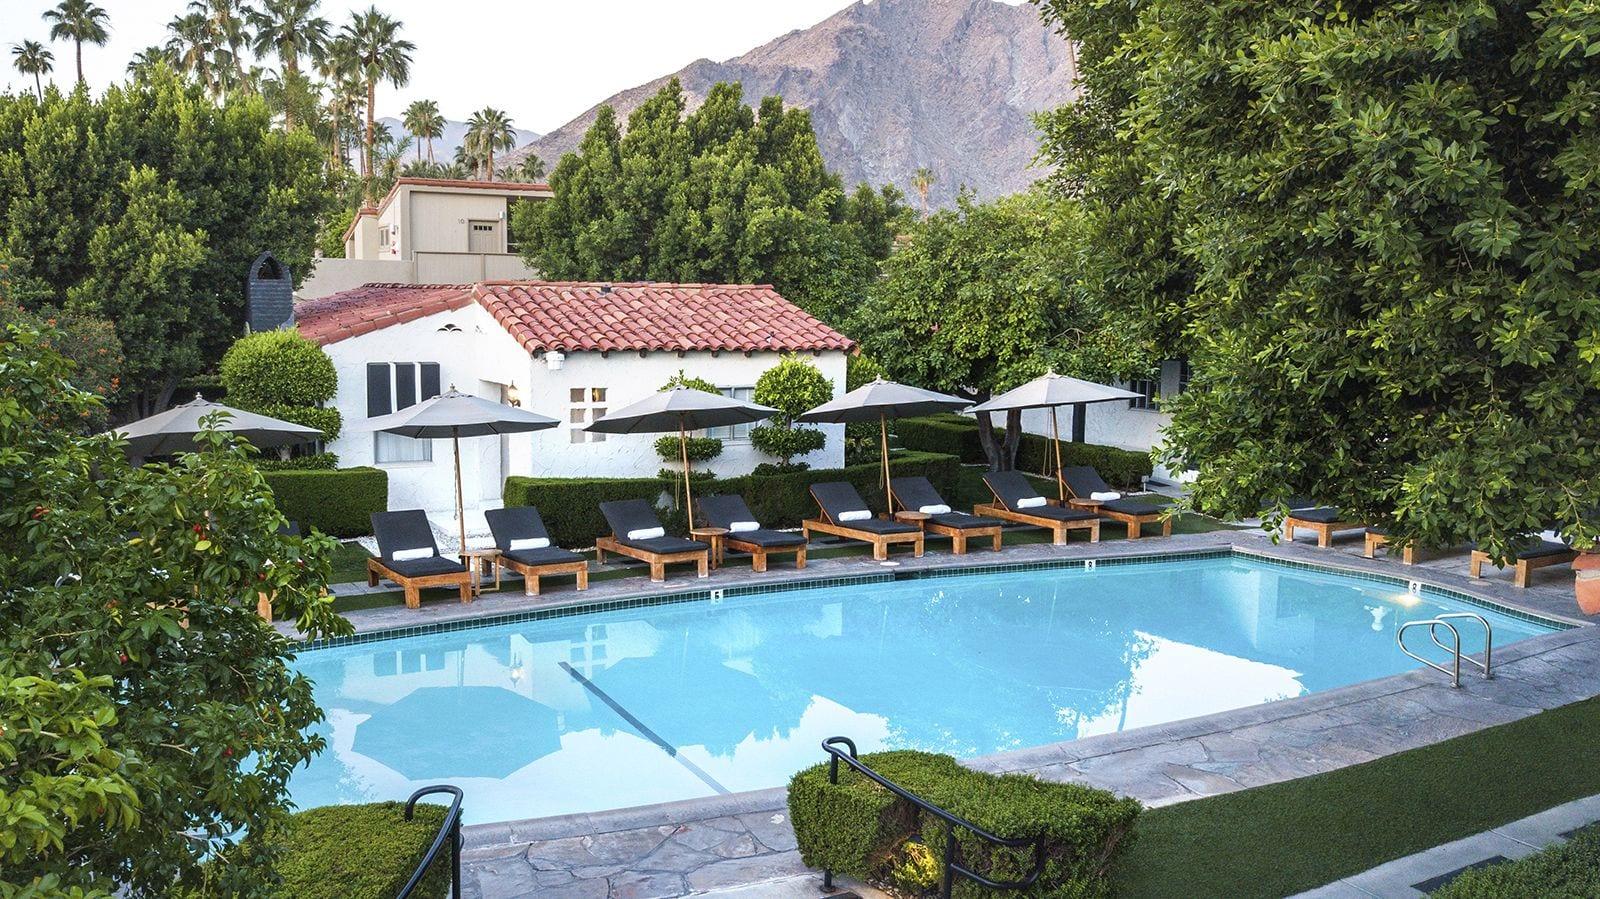 Regency Courtyard Pool